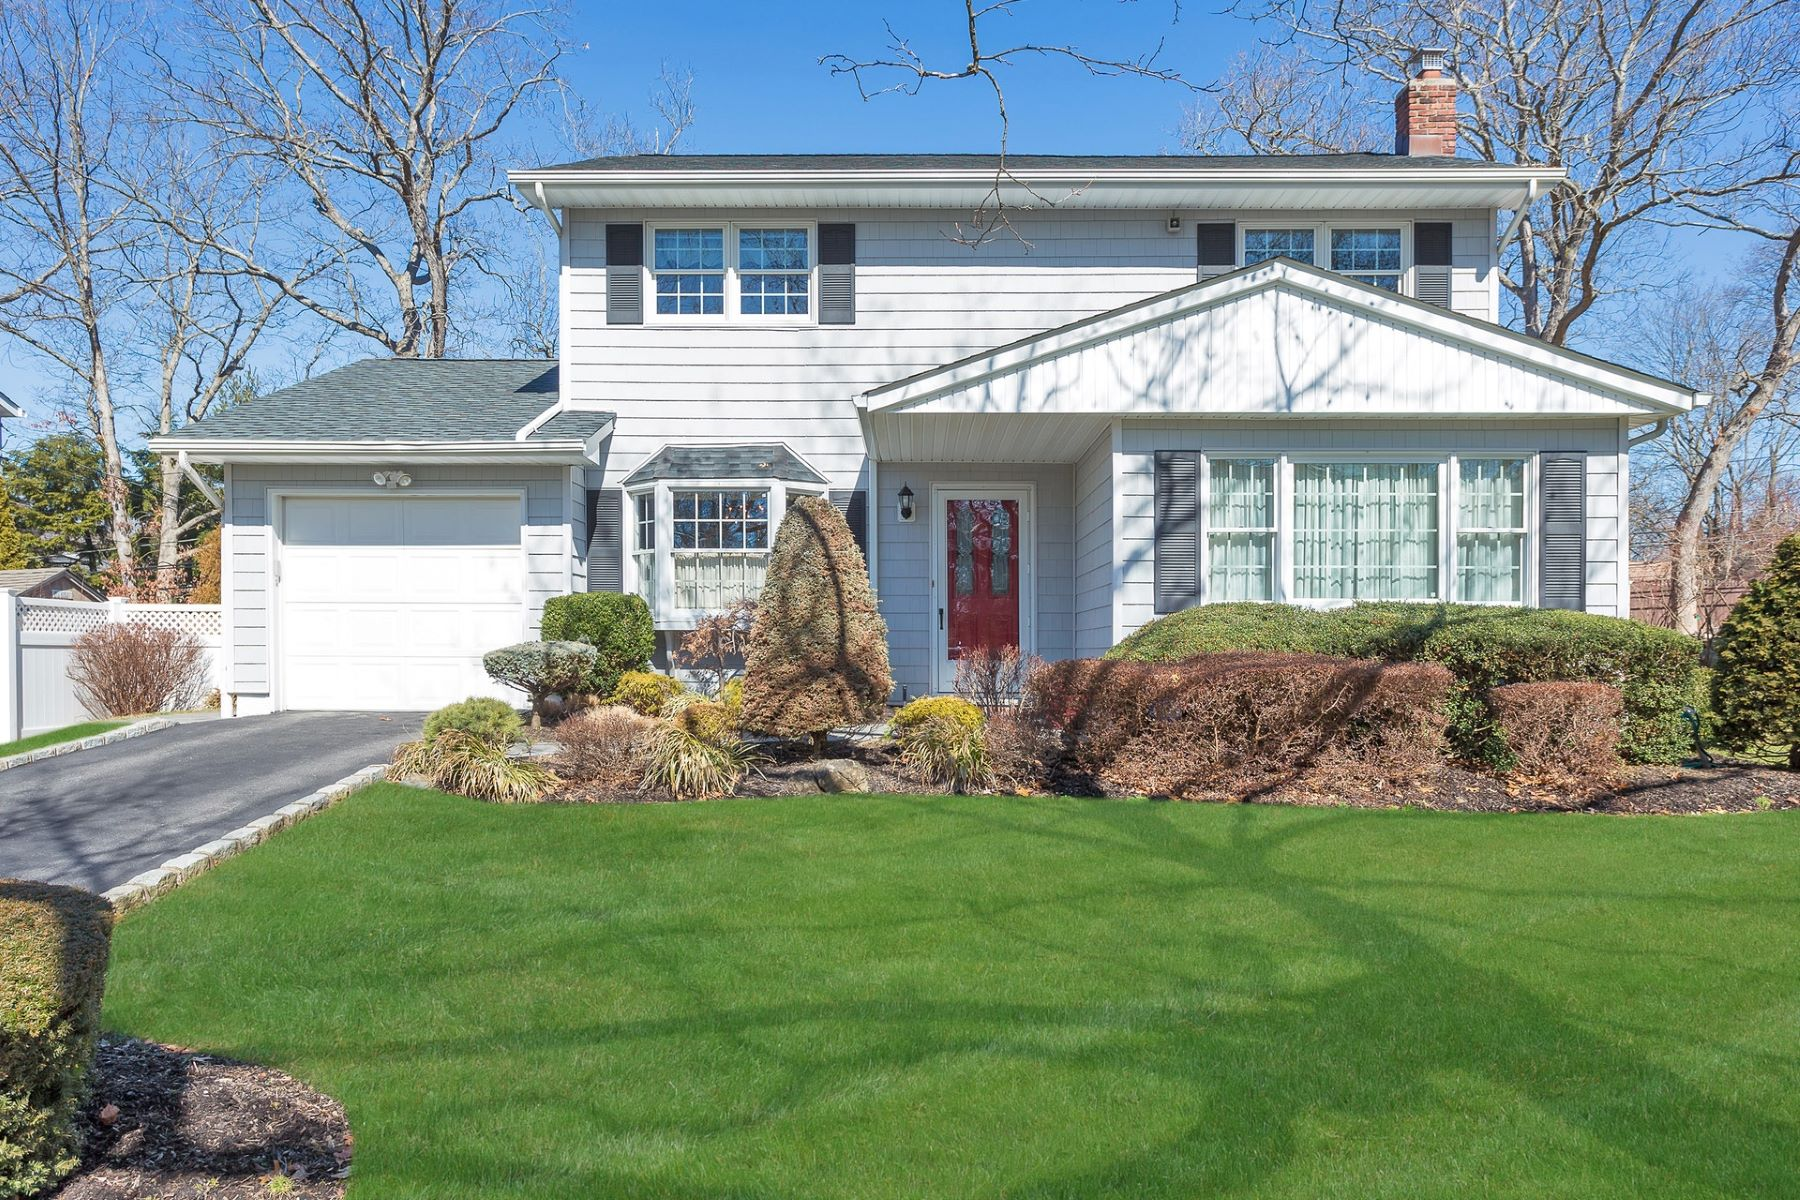 Частный односемейный дом для того Продажа на 17 Longworth Ave , Dix Hills, NY 11746 17 Longworth Ave, Dix Hills, Нью-Йорк, 11746 Соединенные Штаты